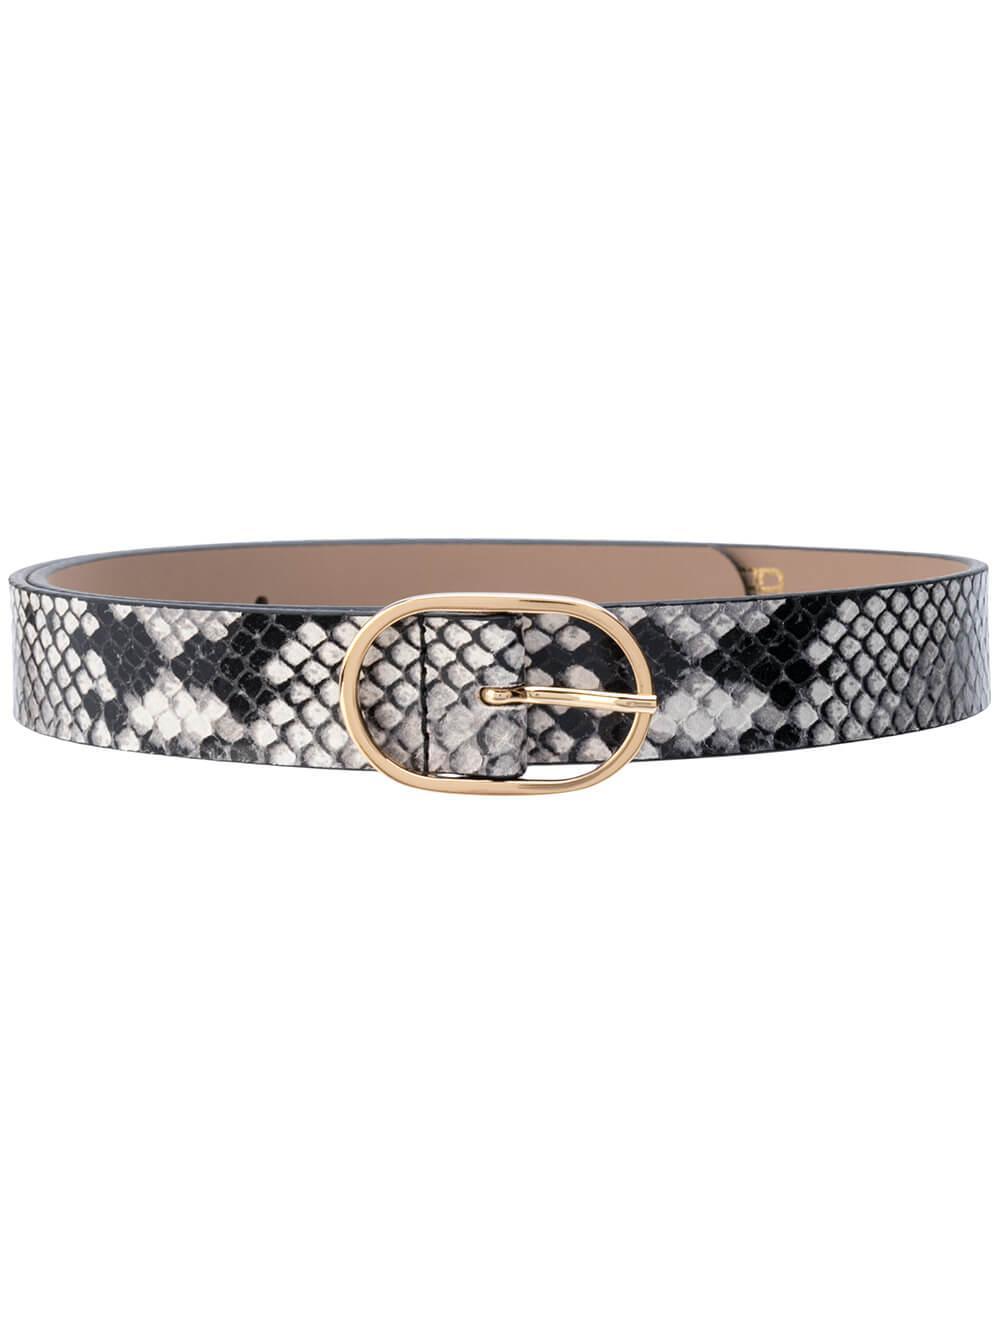 Emmie Mini Python Waist Belt